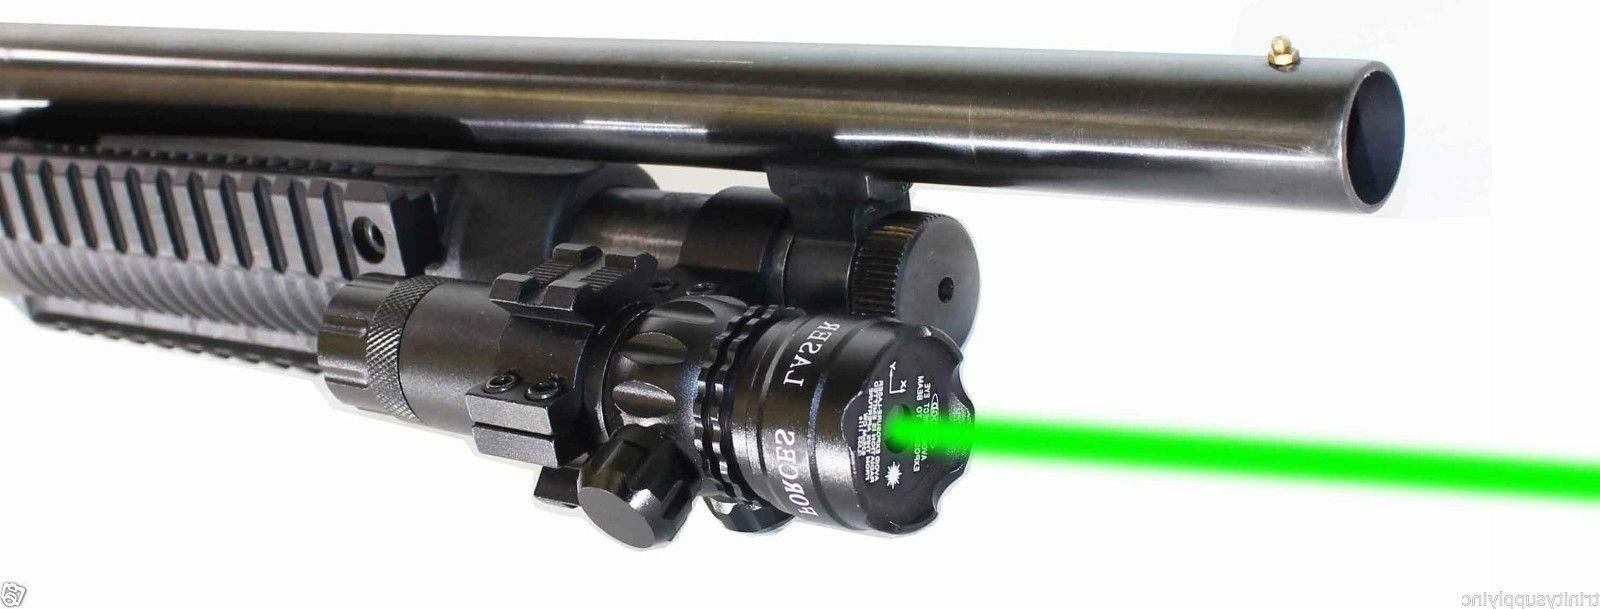 remington 870 12 gauge shotgun green dot